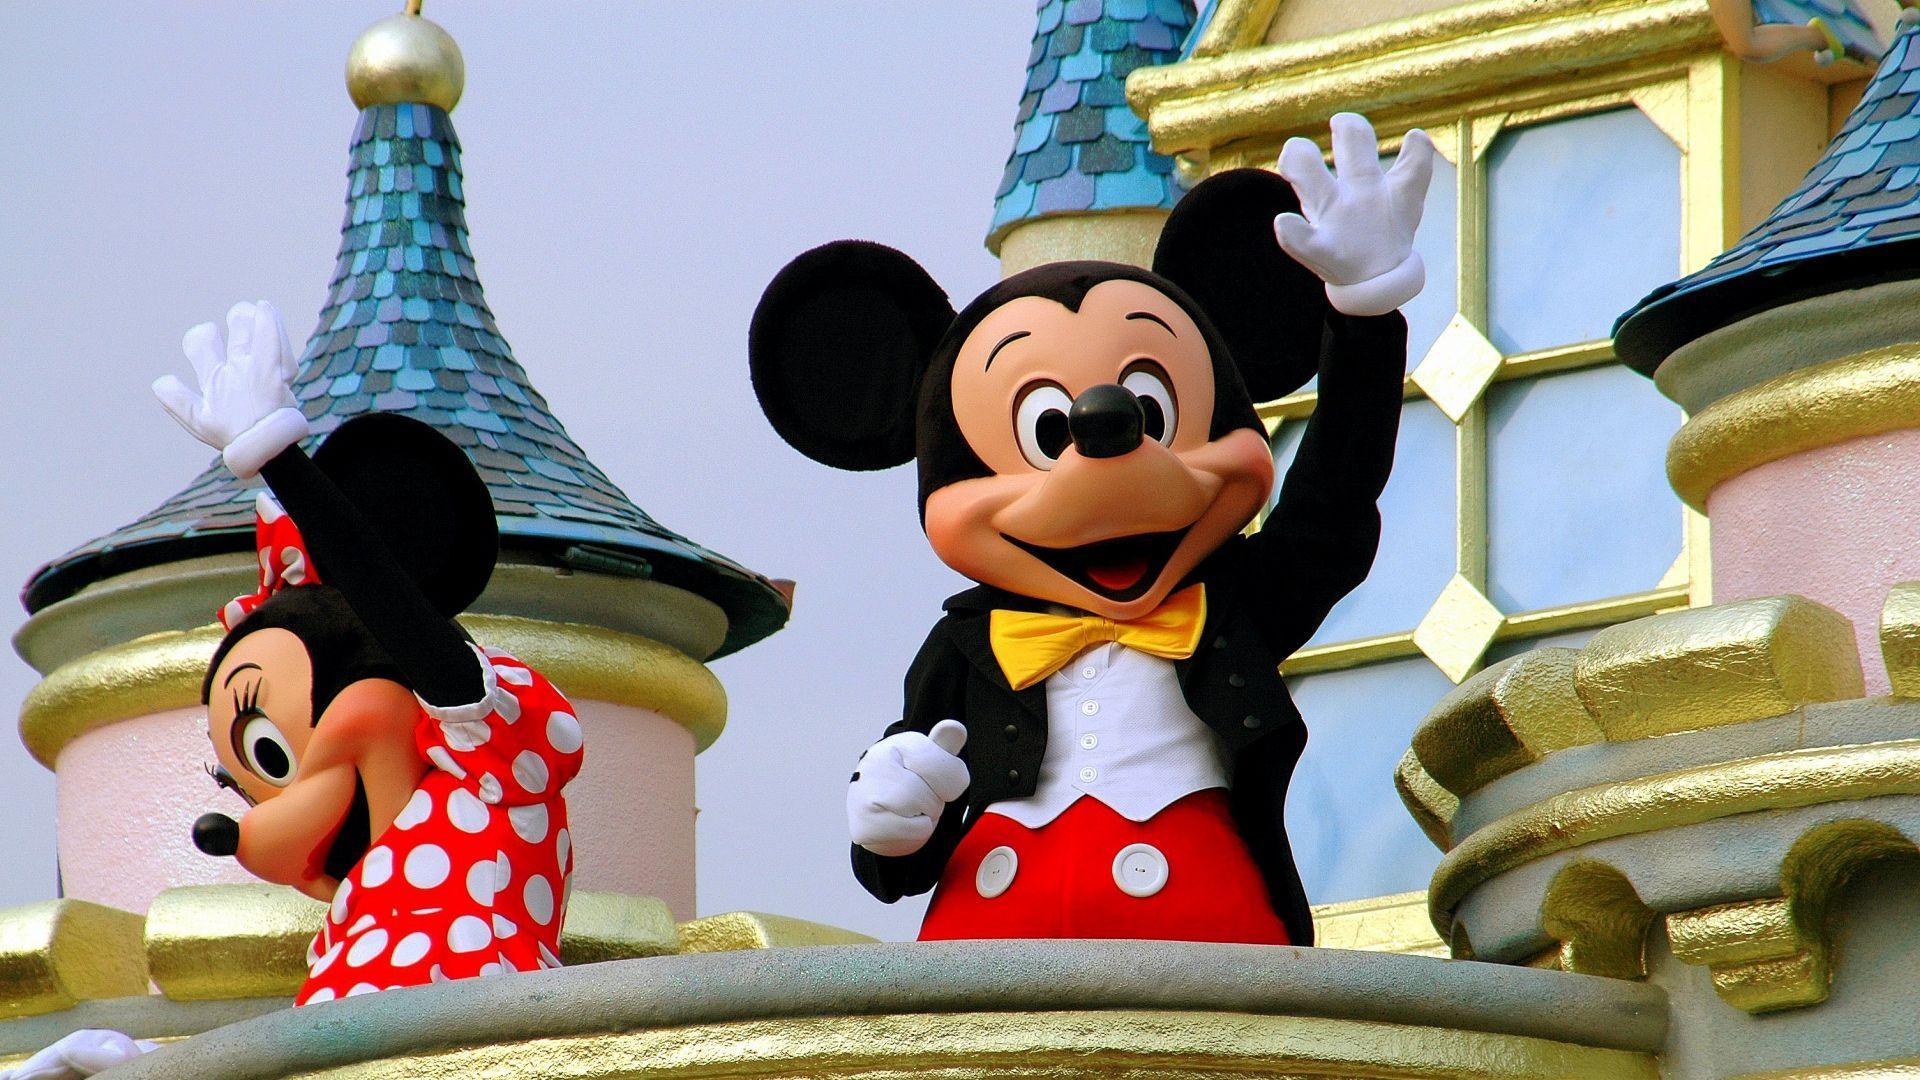 Disneilando simboliai - peliukai Mikis ir Minė